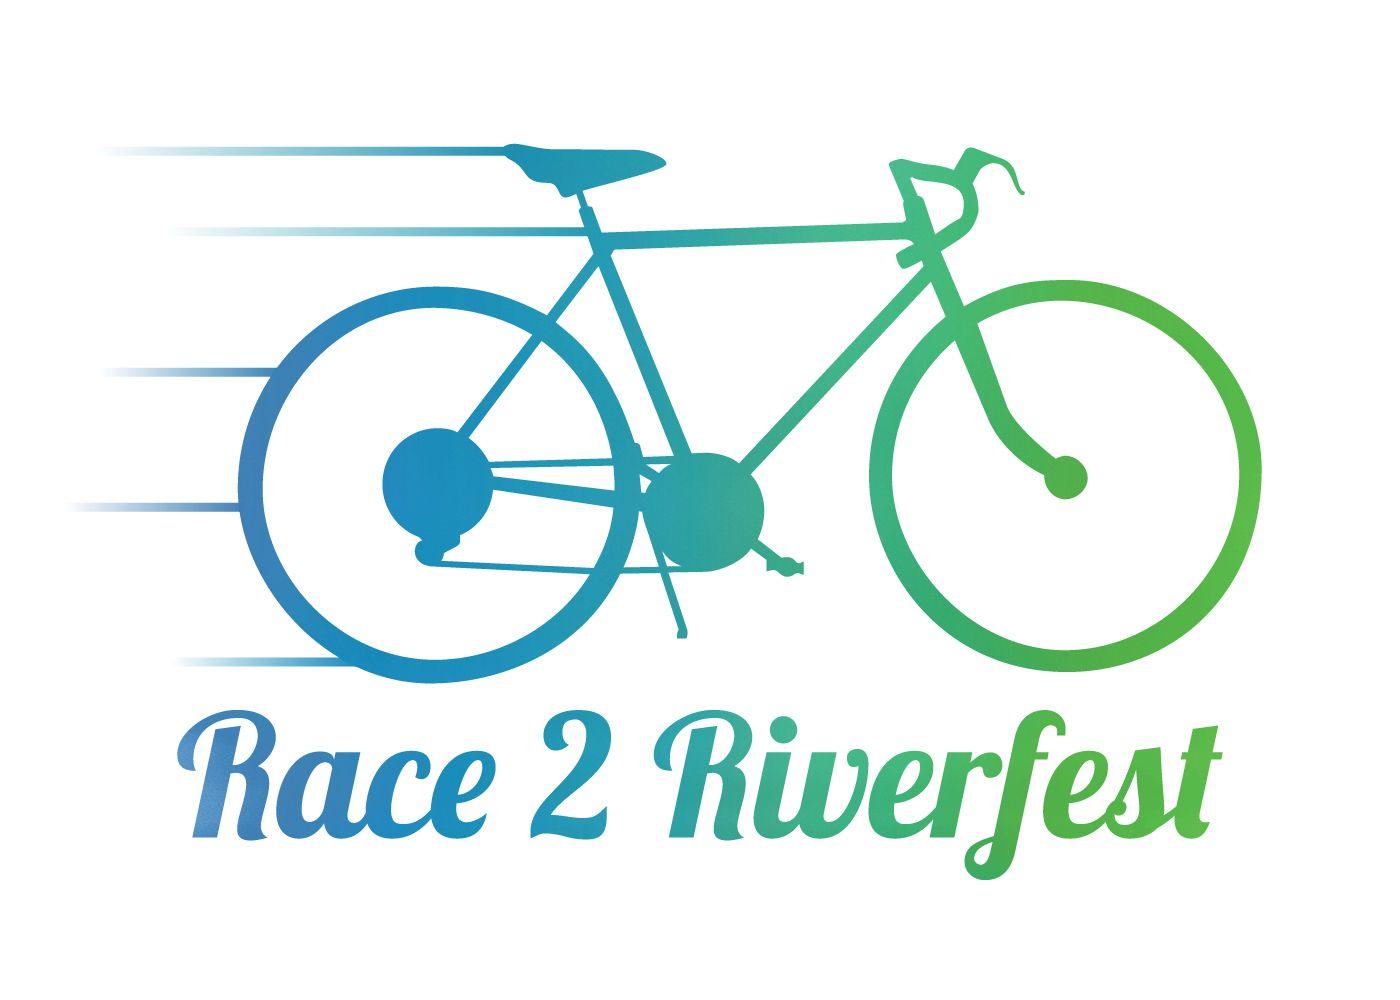 Race2 Riverfest